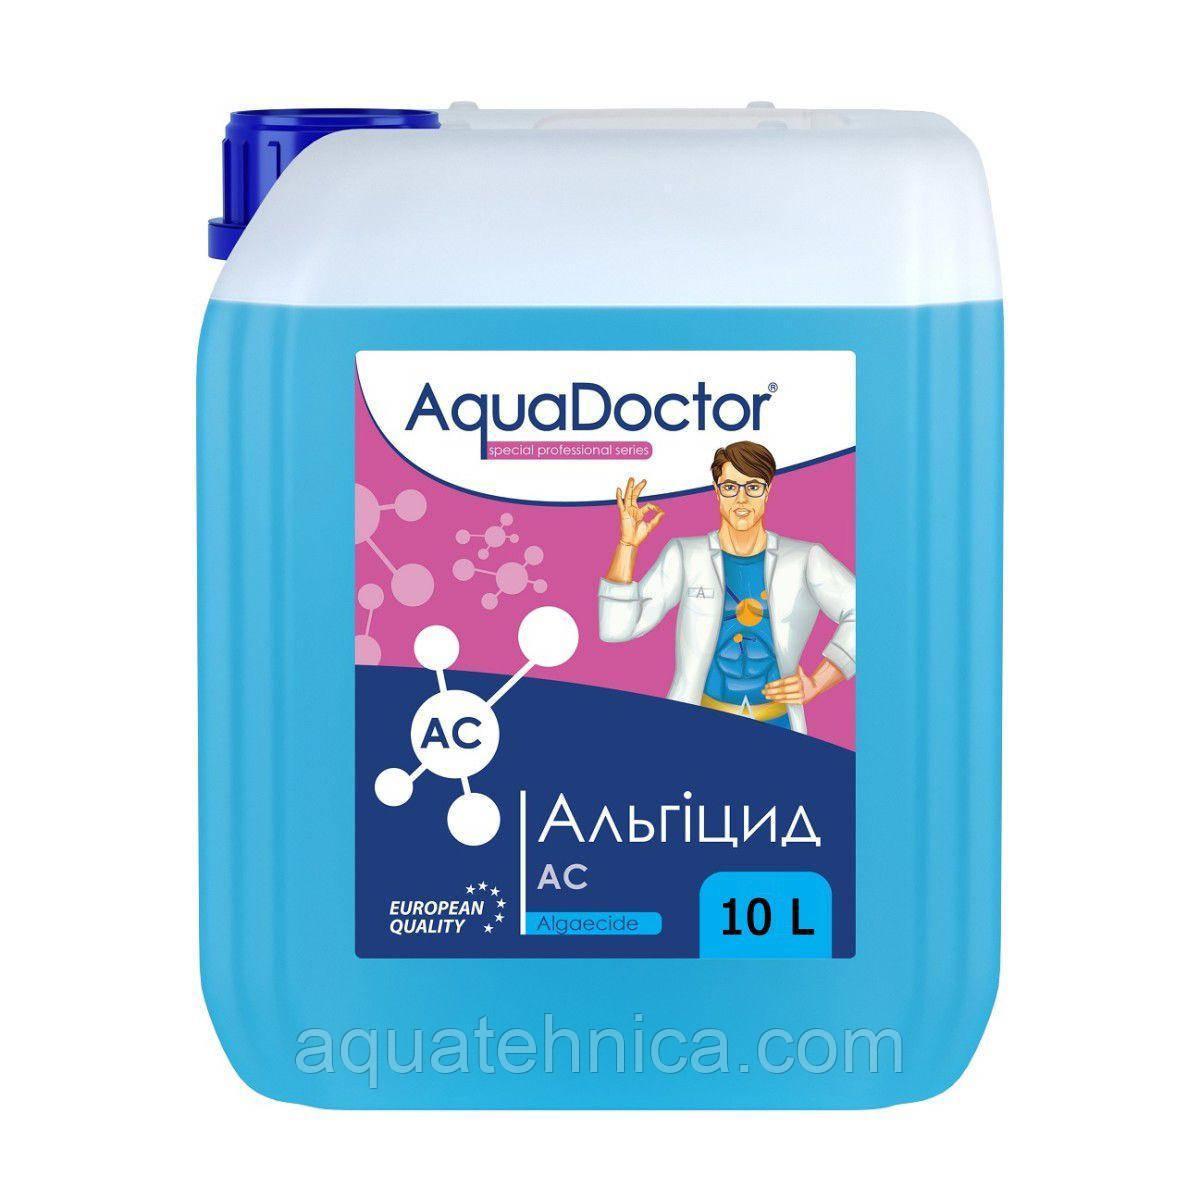 Альгицид Aquadoctor AC средство против водорослей для бассейна, 20 литров